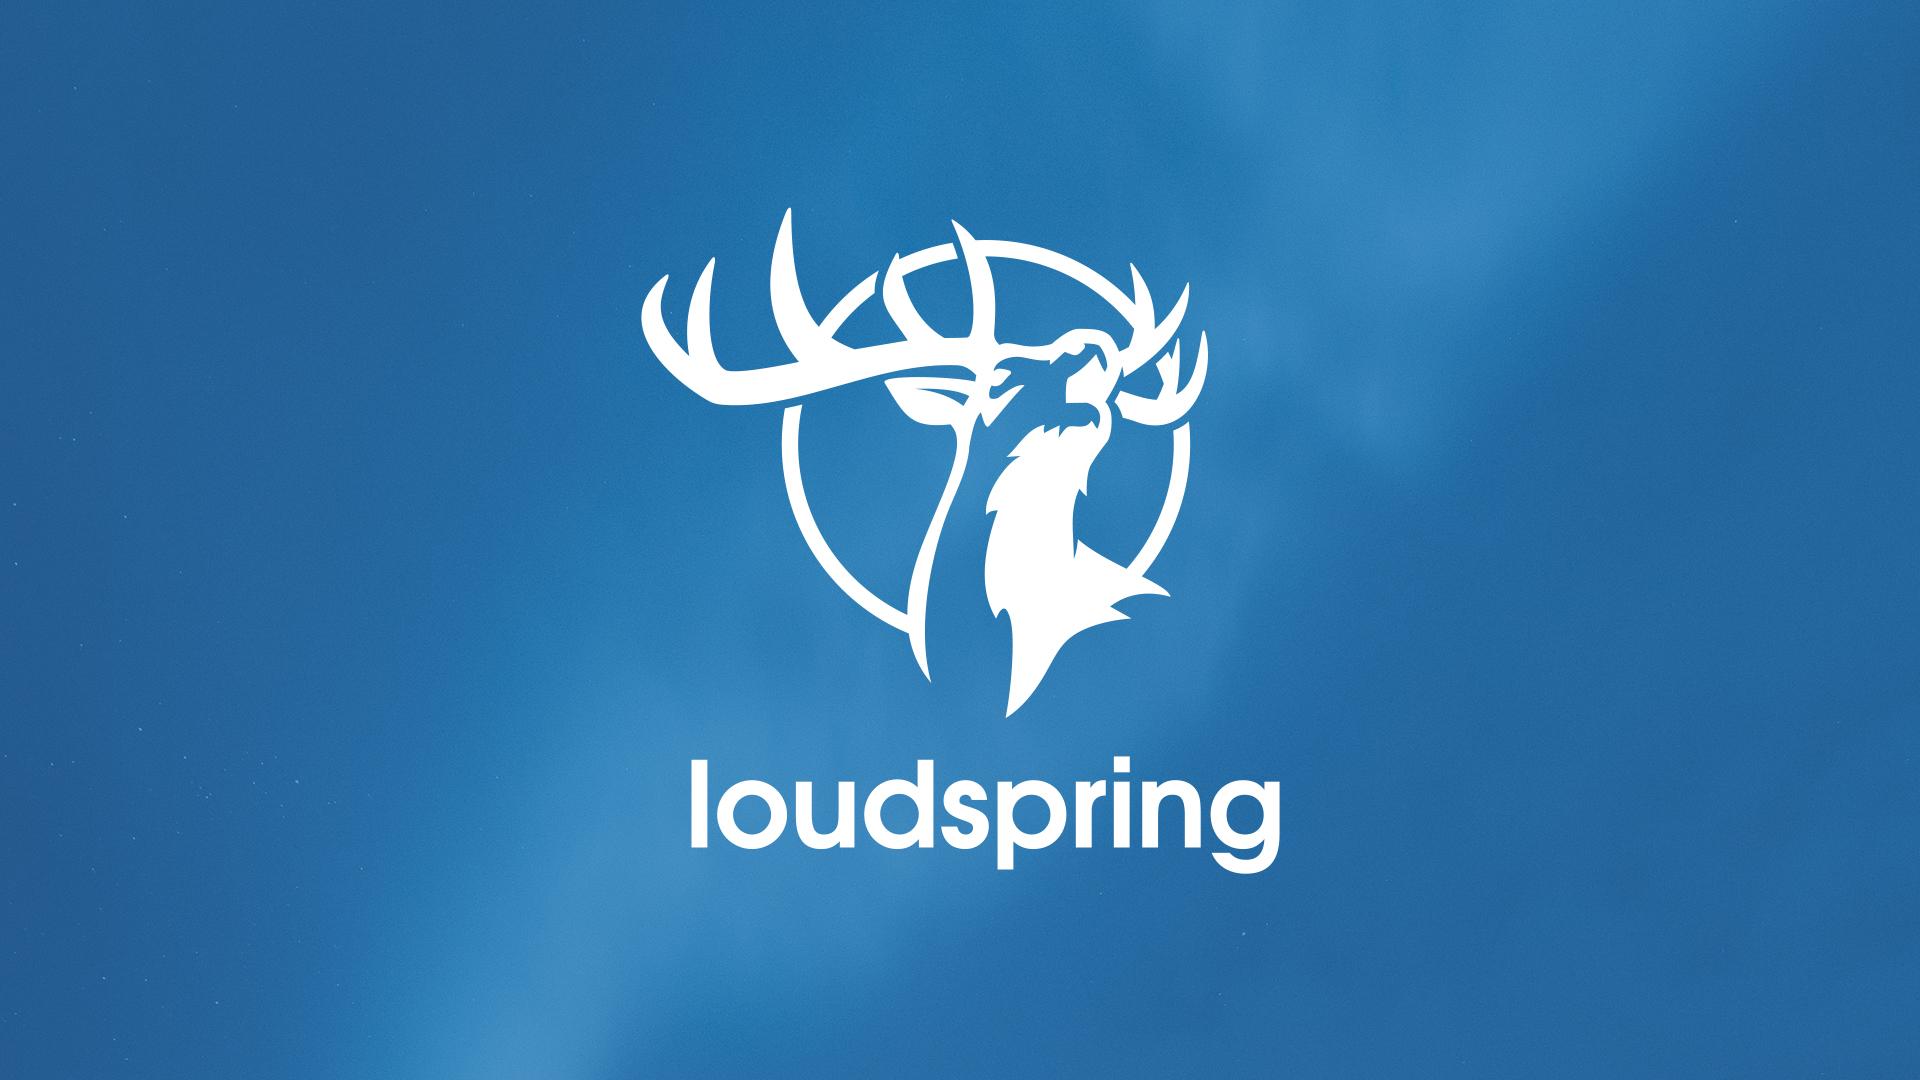 Loudspring